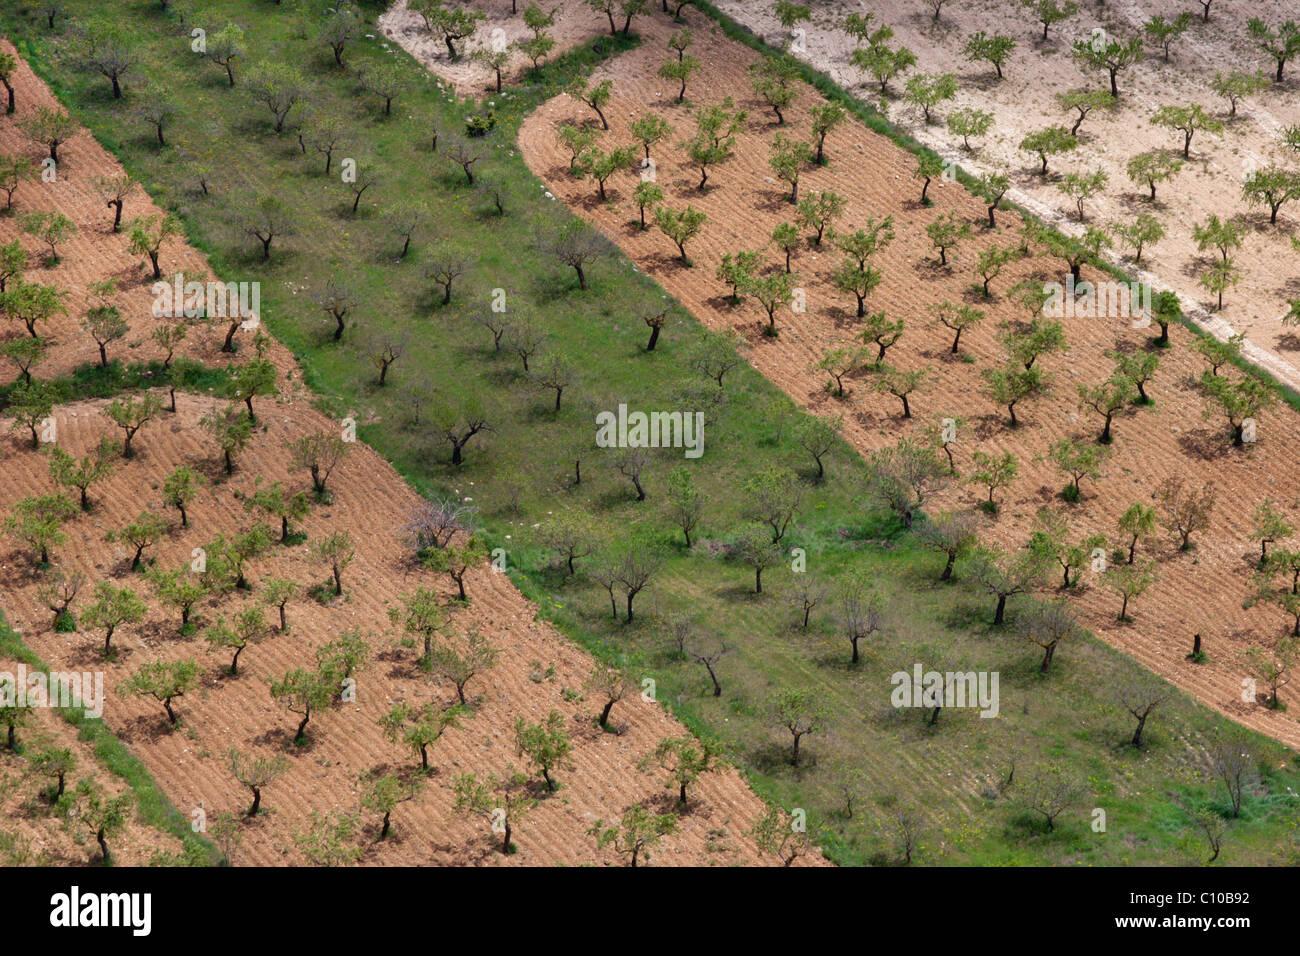 España agricultura orchard patrones fruta naranjas aceitunas almendras huerto Imagen De Stock